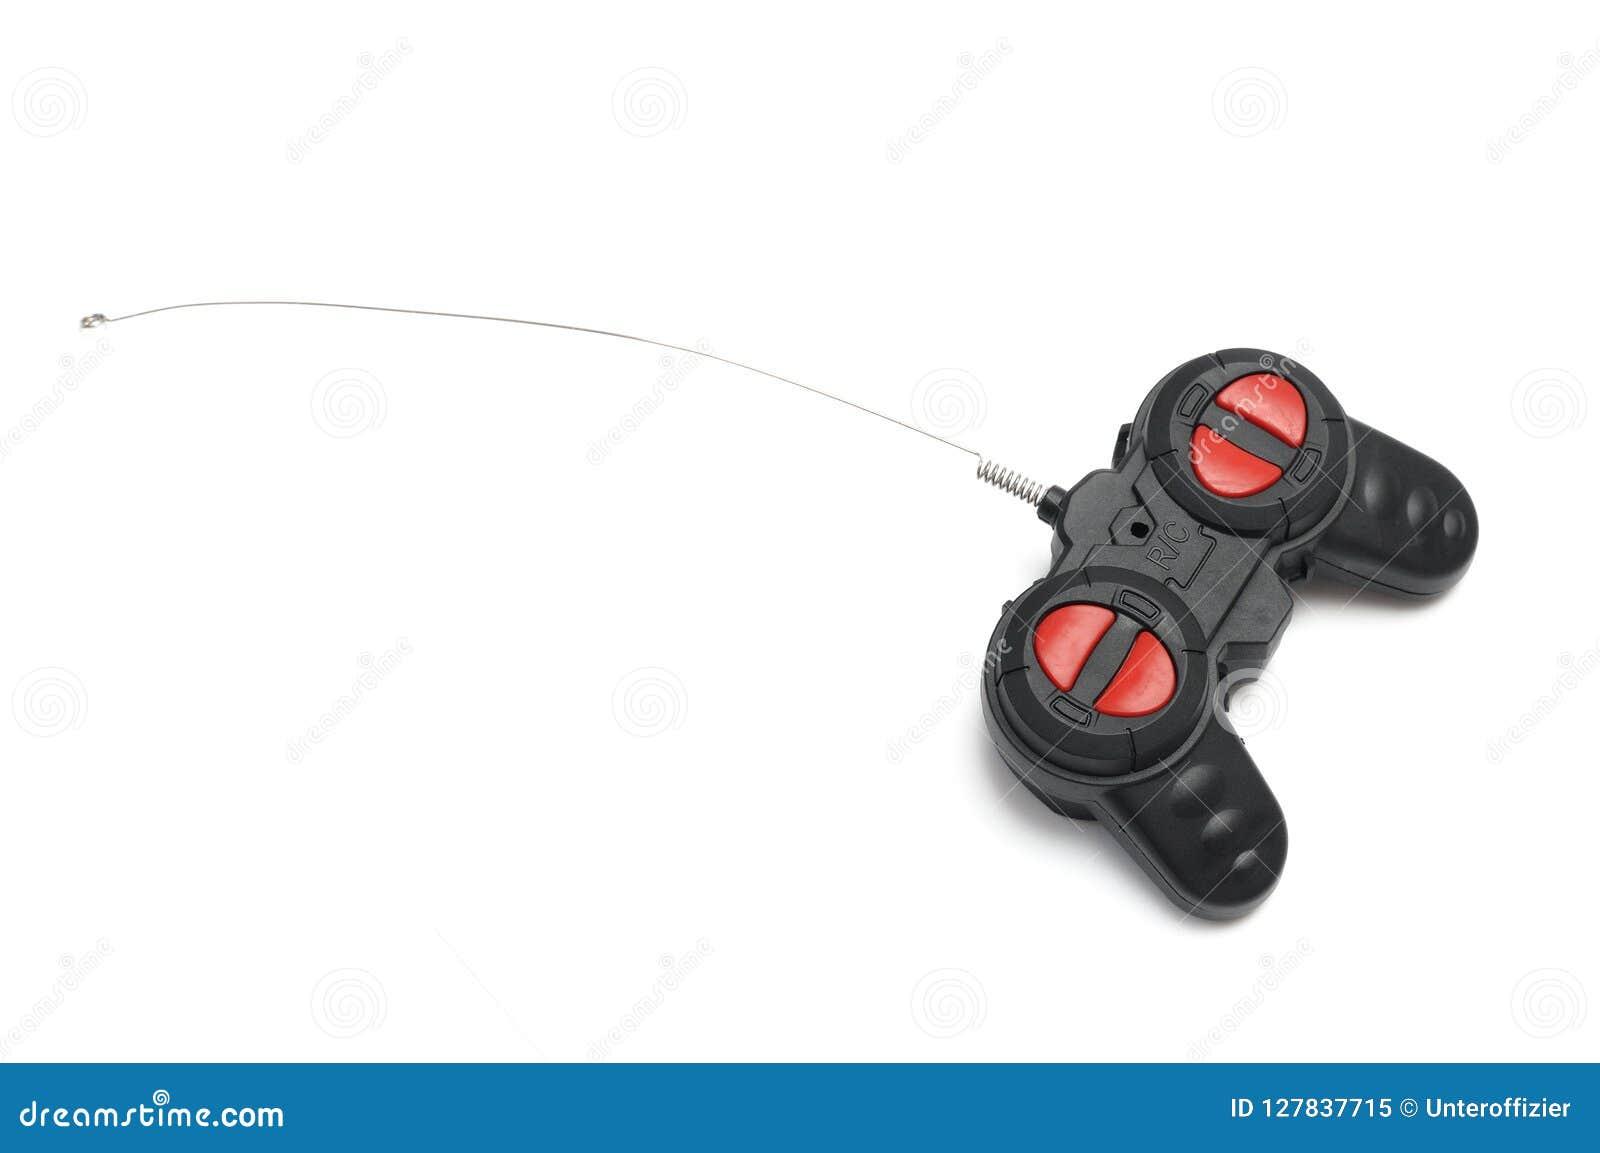 Ένας μαύρος ραδιο μακρινός ελεγκτής ελέγχου RC με τα κόκκινα κουμπιά και μια λεπτή κεραία